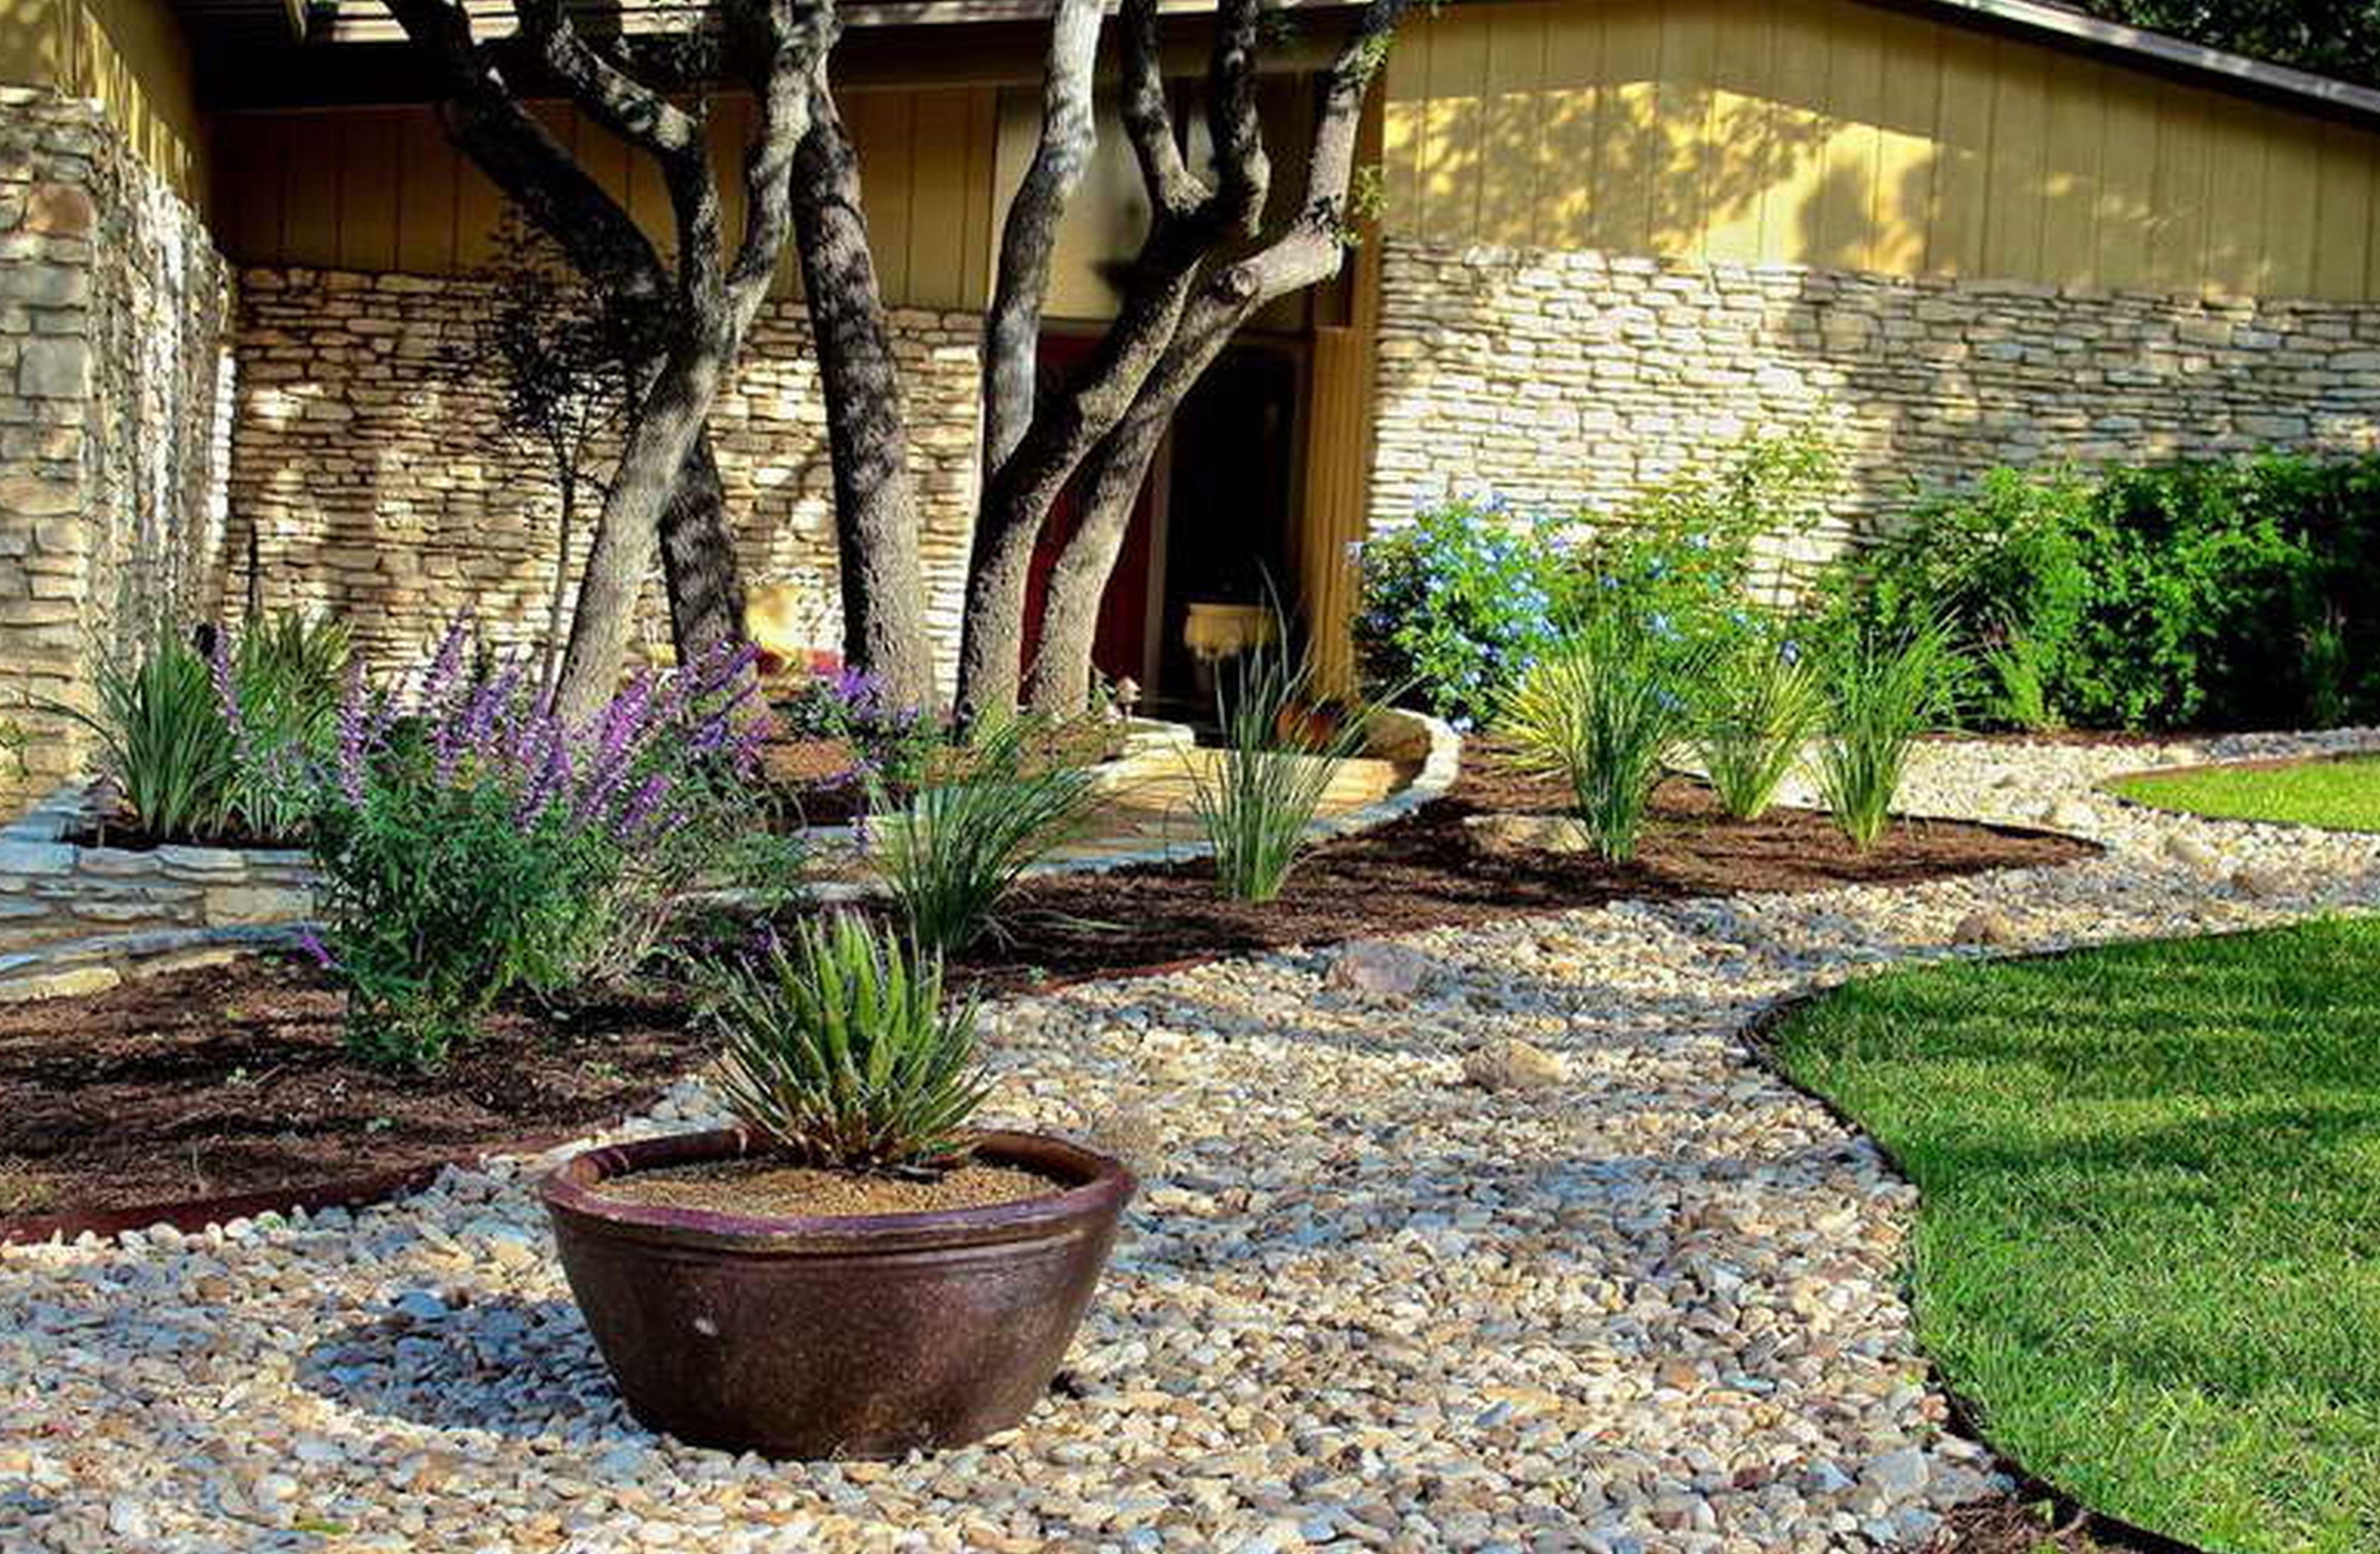 Vorgarten kies ideen vorgarten freshouse for Vorgarten gestalten ideen